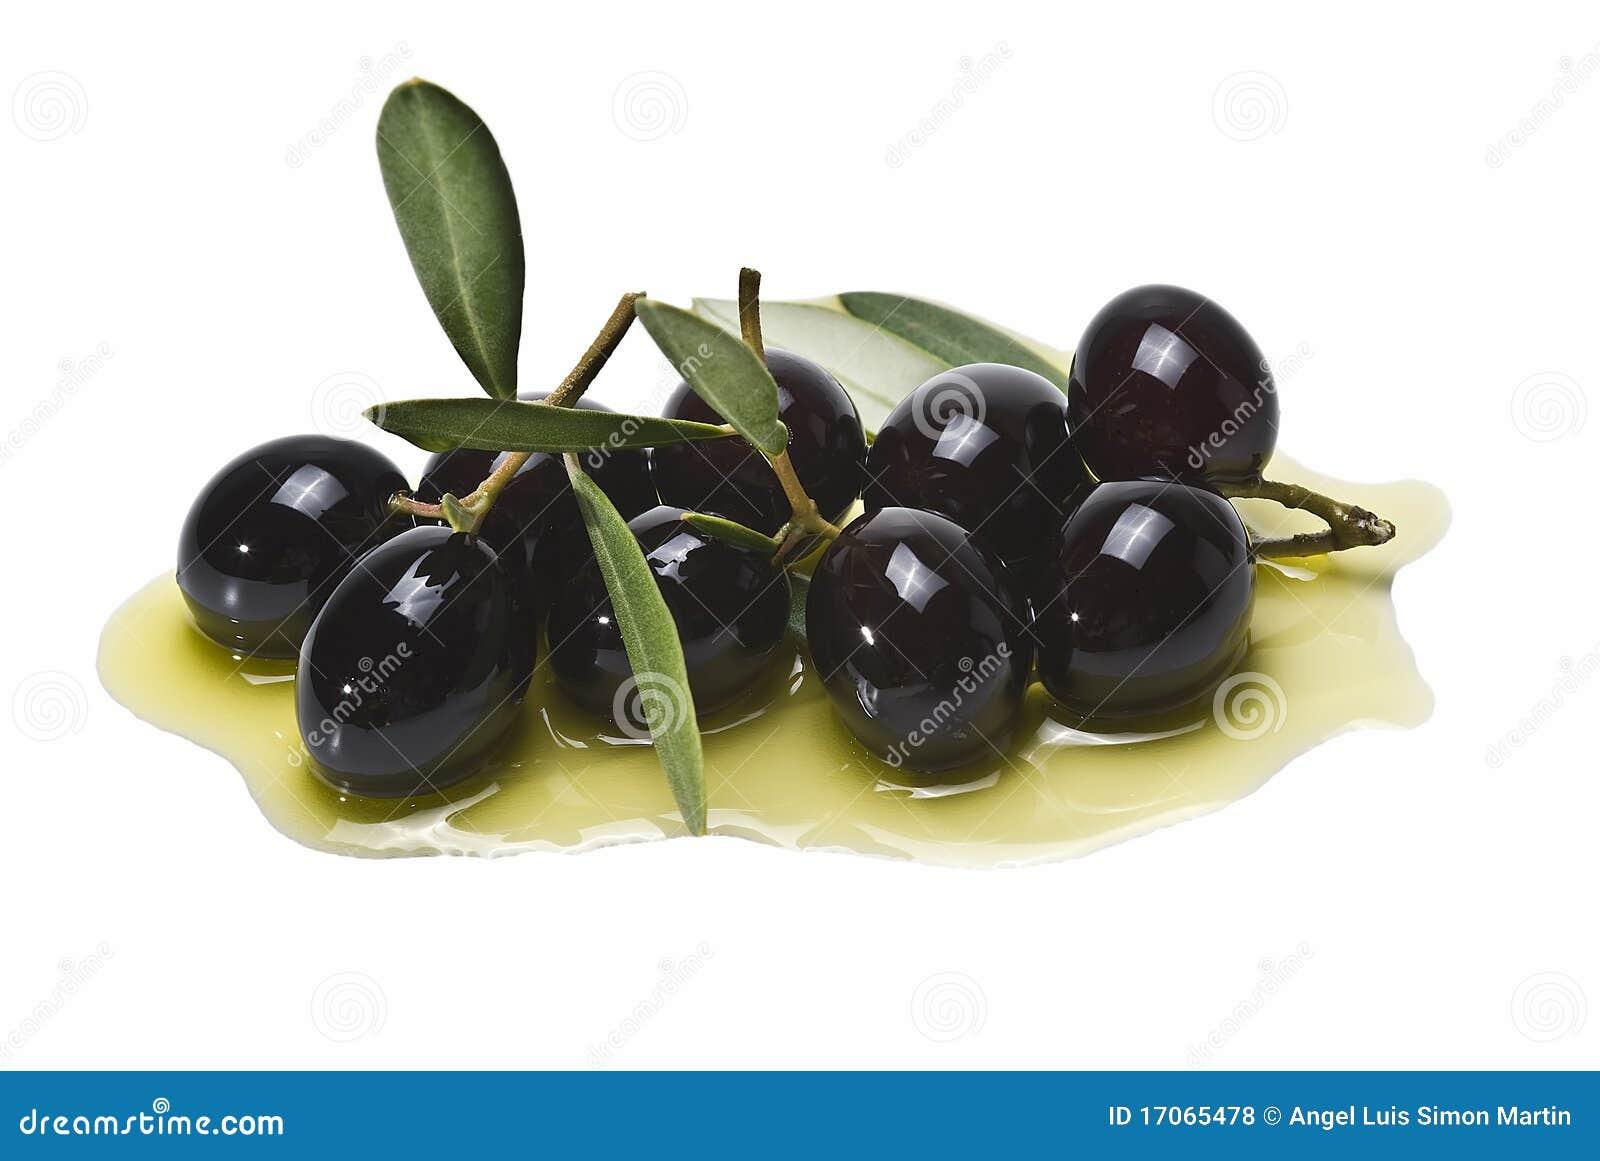 Muitas azeitonas pretas no petróleo verde-oliva.